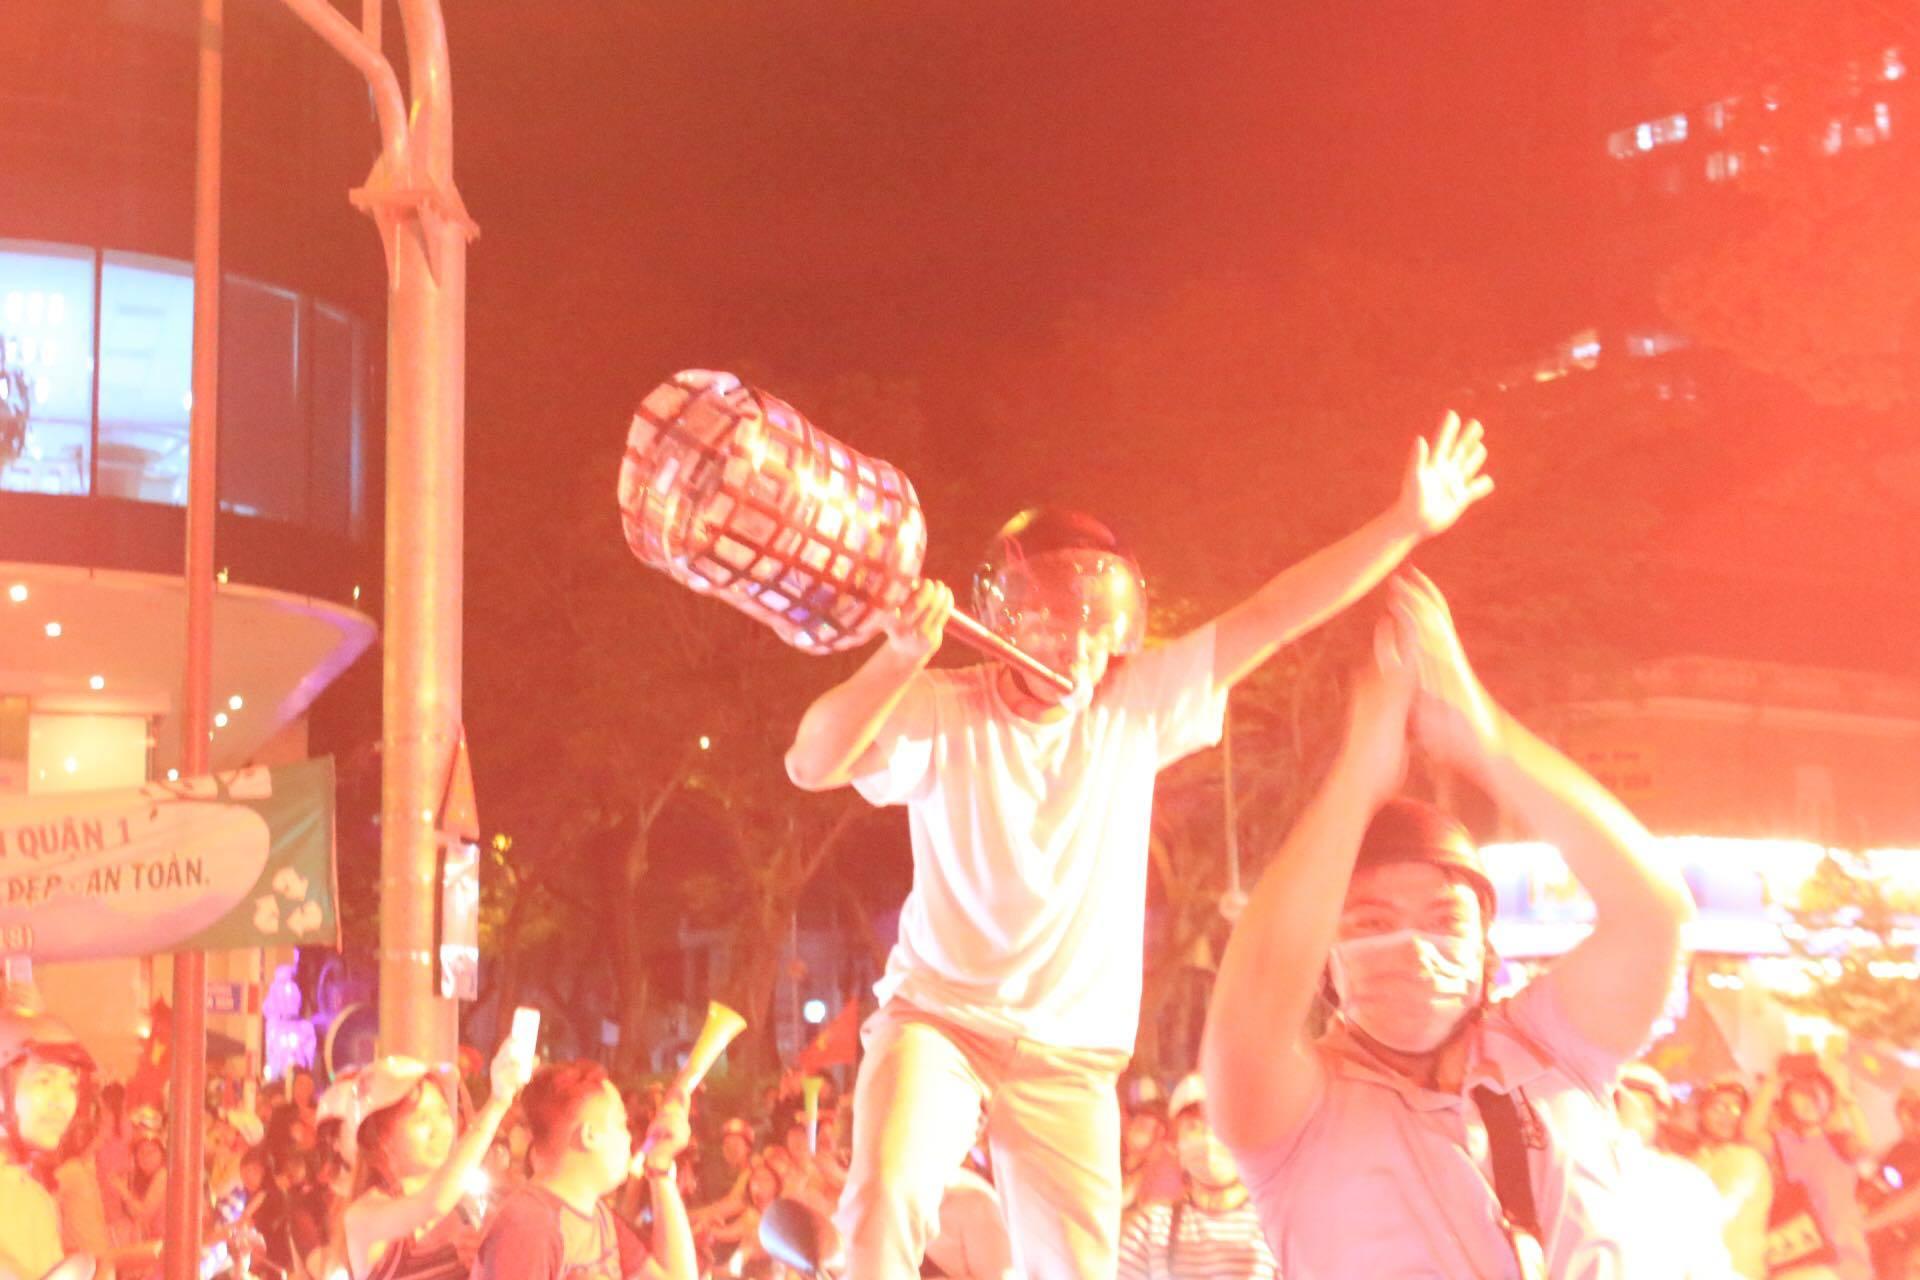 Người đàn ông này dùng can nhựa tự chế chiếc còi cổ vũ, cùng bạn bè xuống phố reo hò trước chiến thắng rực rỡ của các cầu thủ.